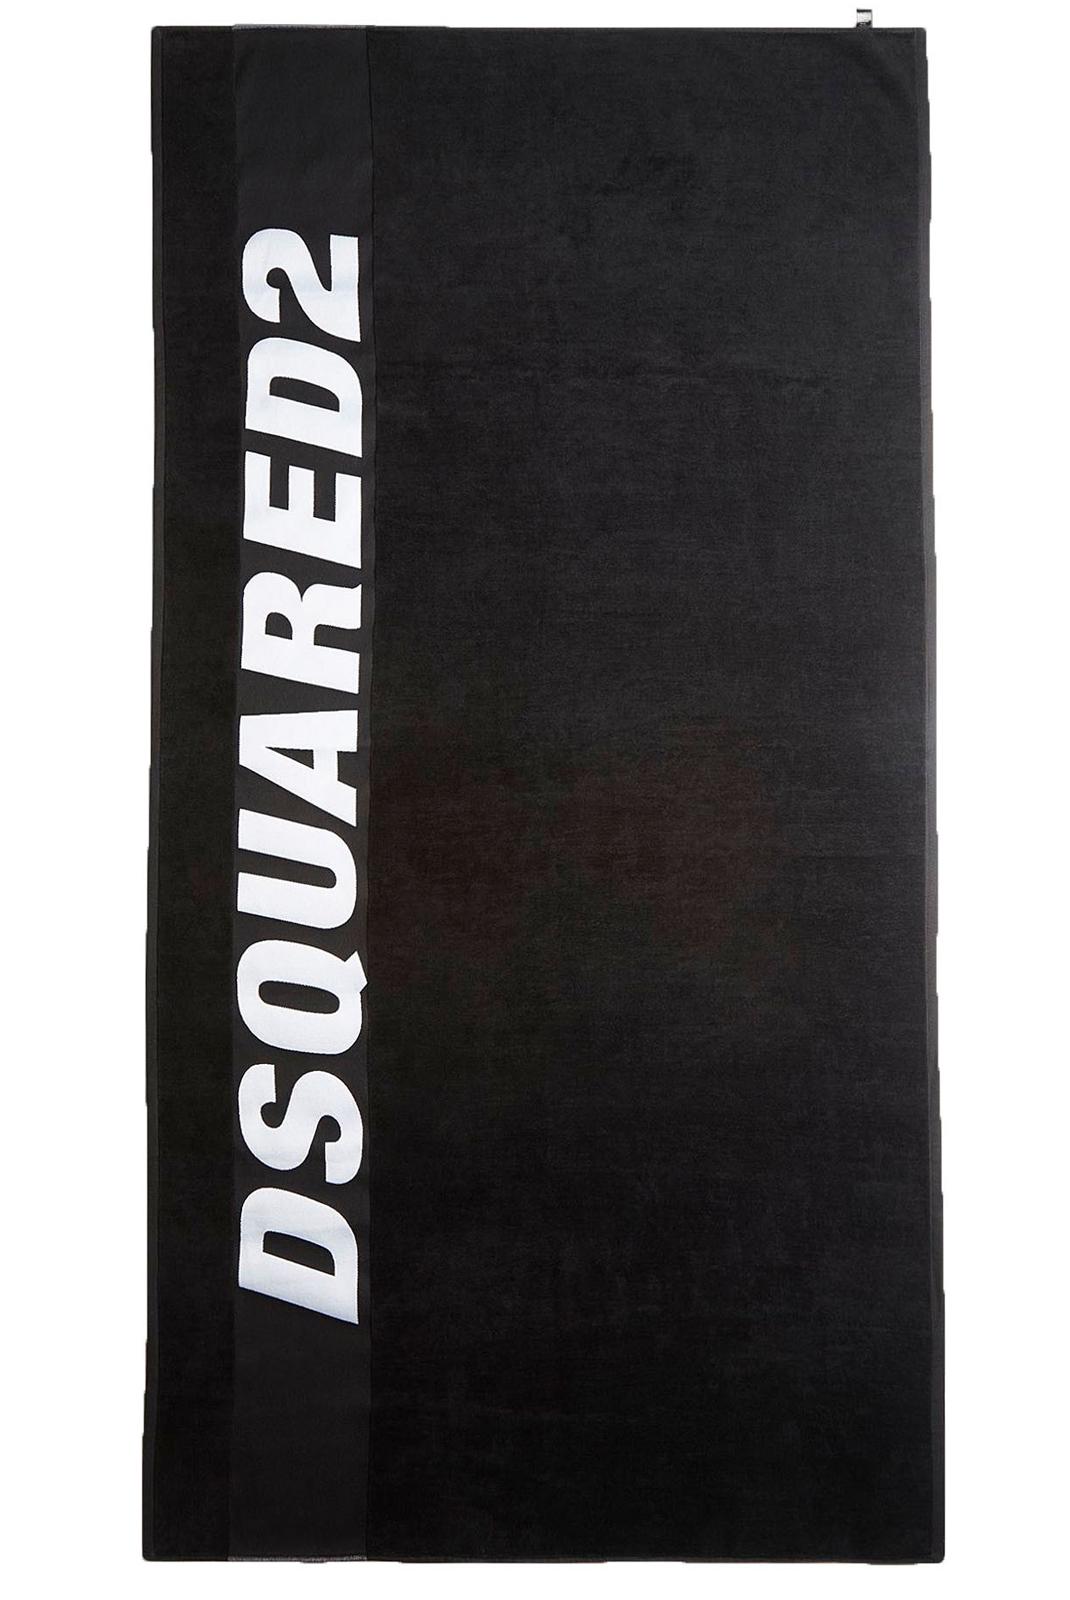 Maillots & Sous-vêtements  Dsquared2 D7P002430 200 NOIR